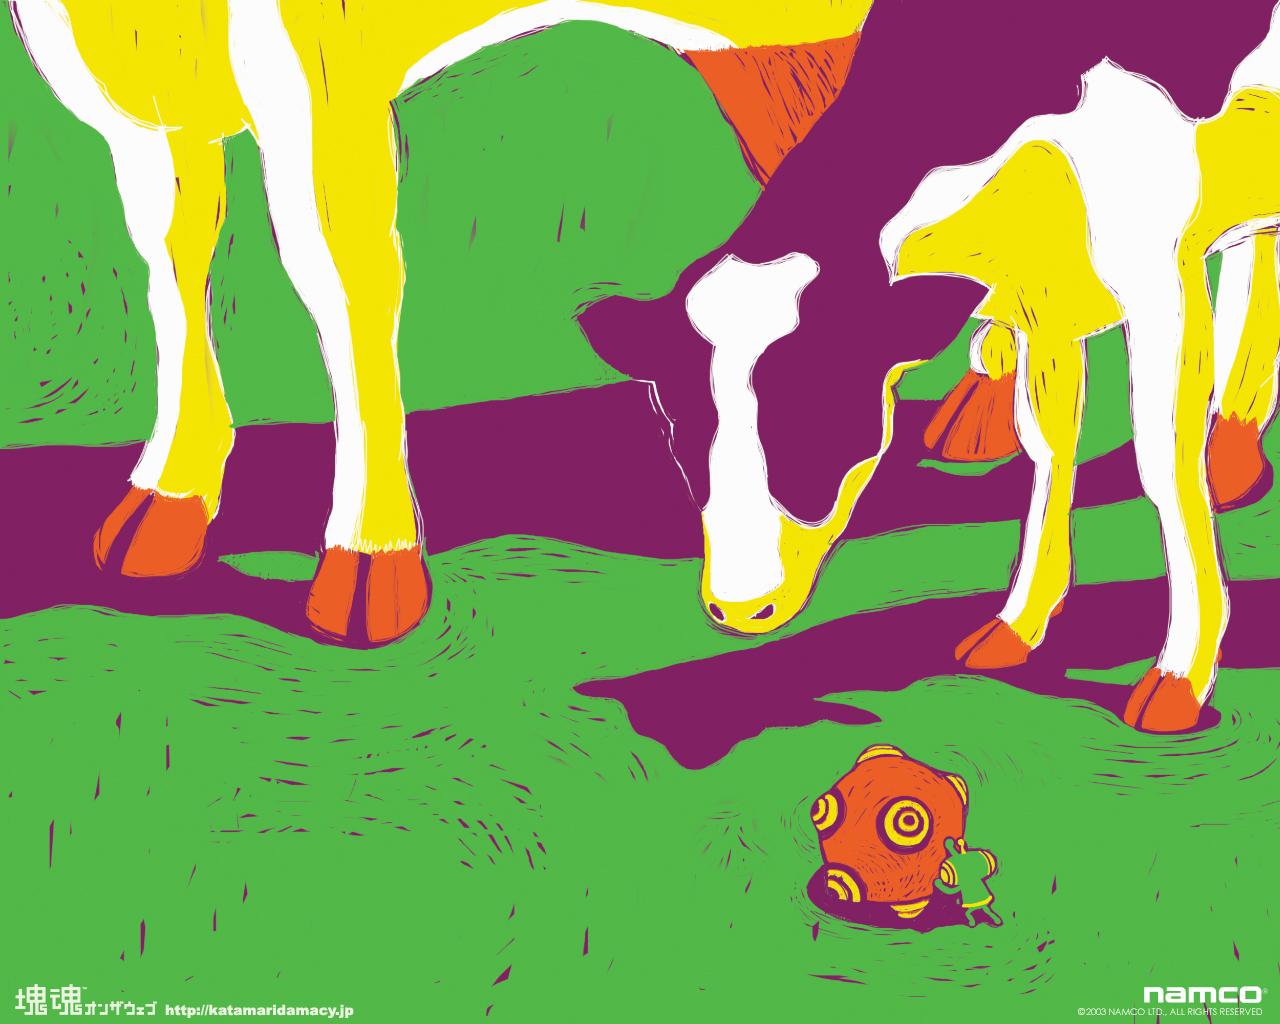 Download Cows Katamari Wallpaper 1280x1024 Wallpoper 285152 1280x1024